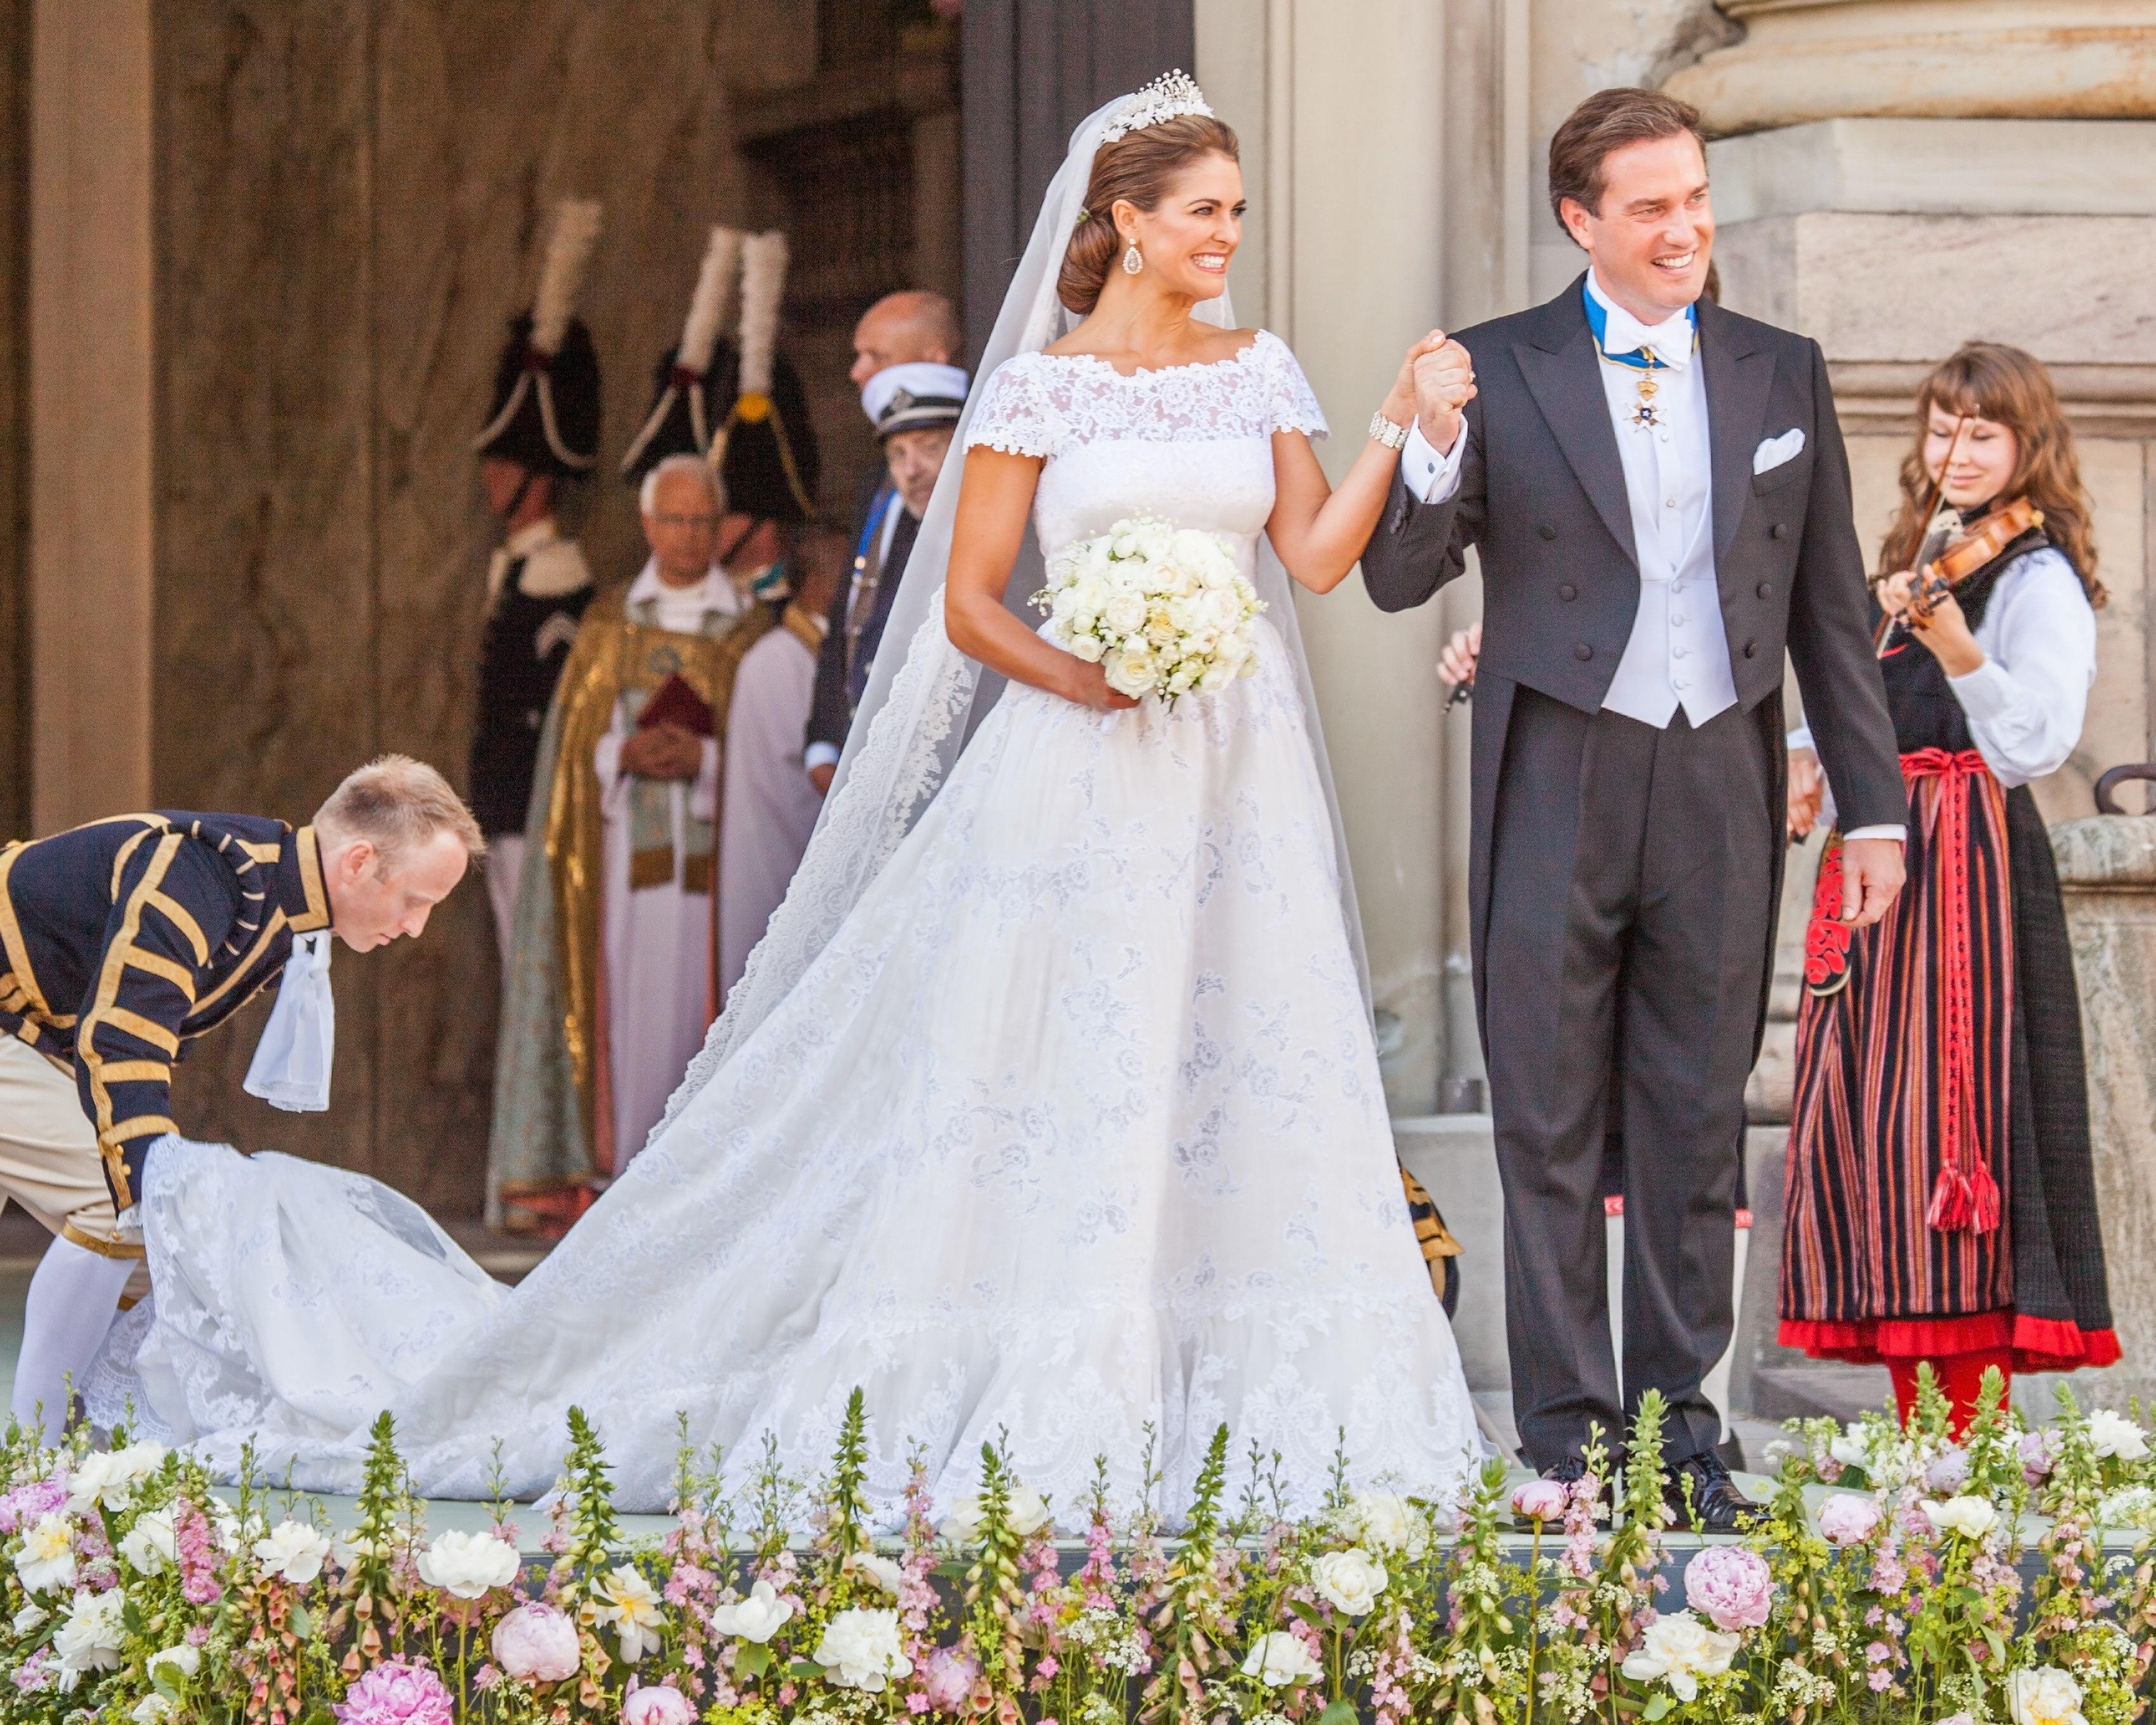 Rubens bridal ossett dating